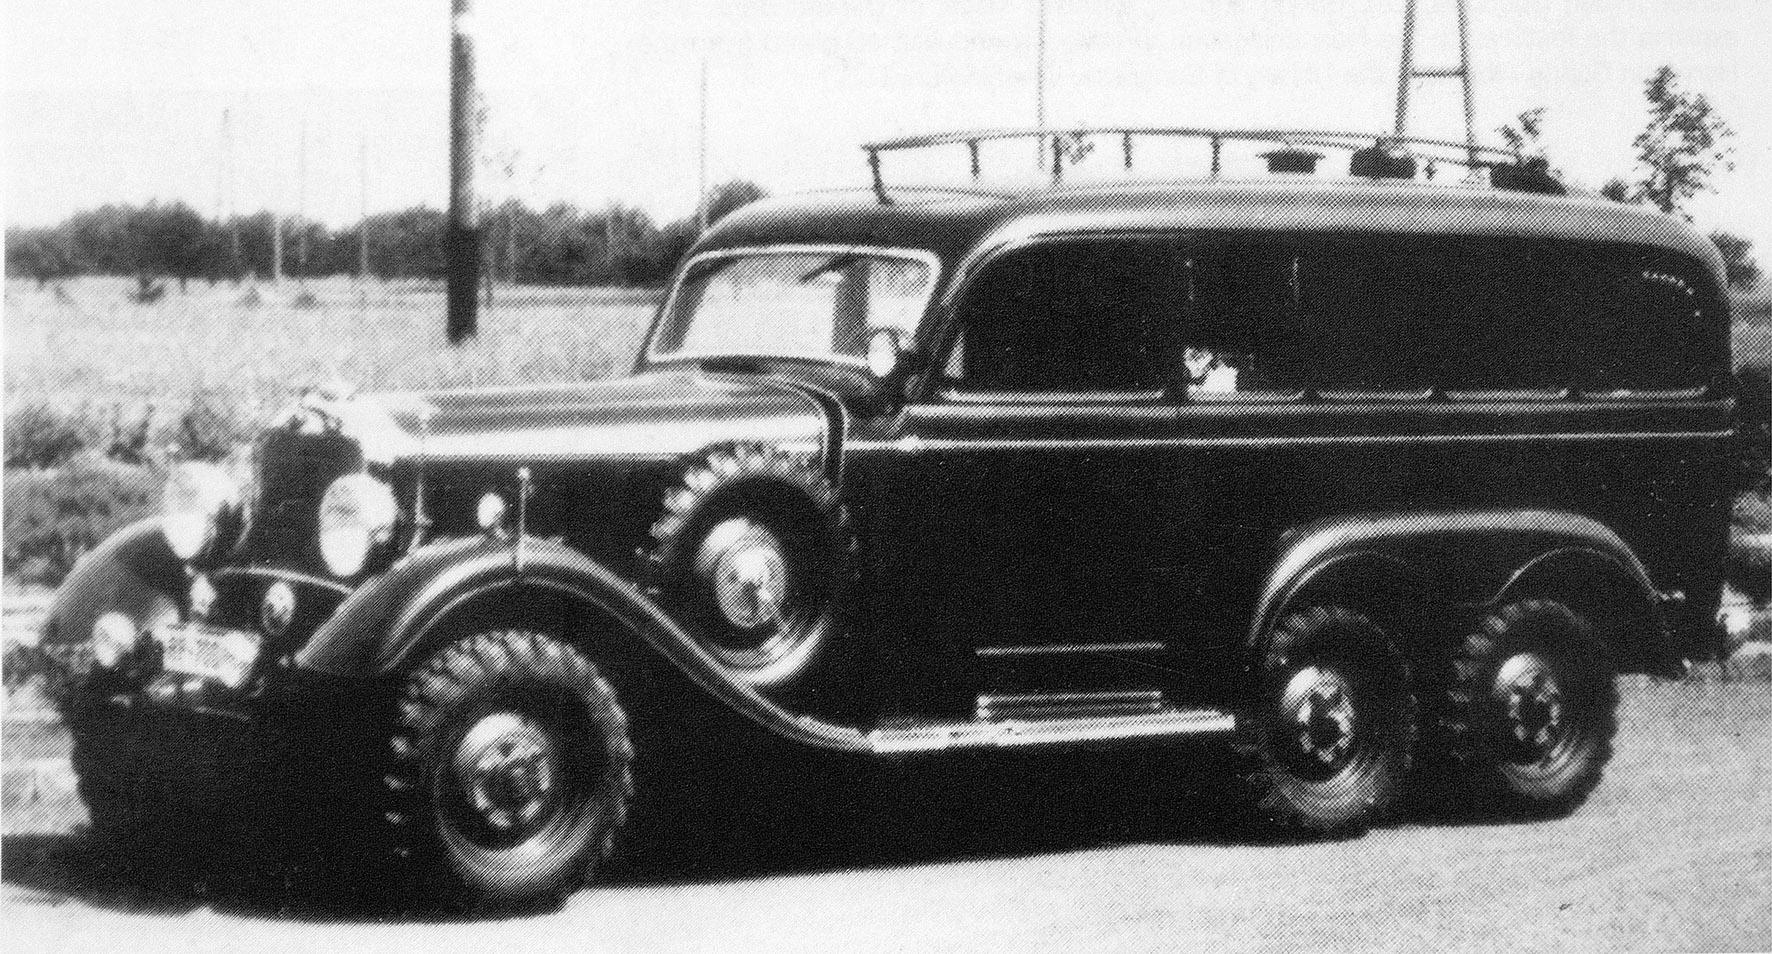 Der klassiker den viele gerne vergessen w rden mercedes for Mercedes benz g4